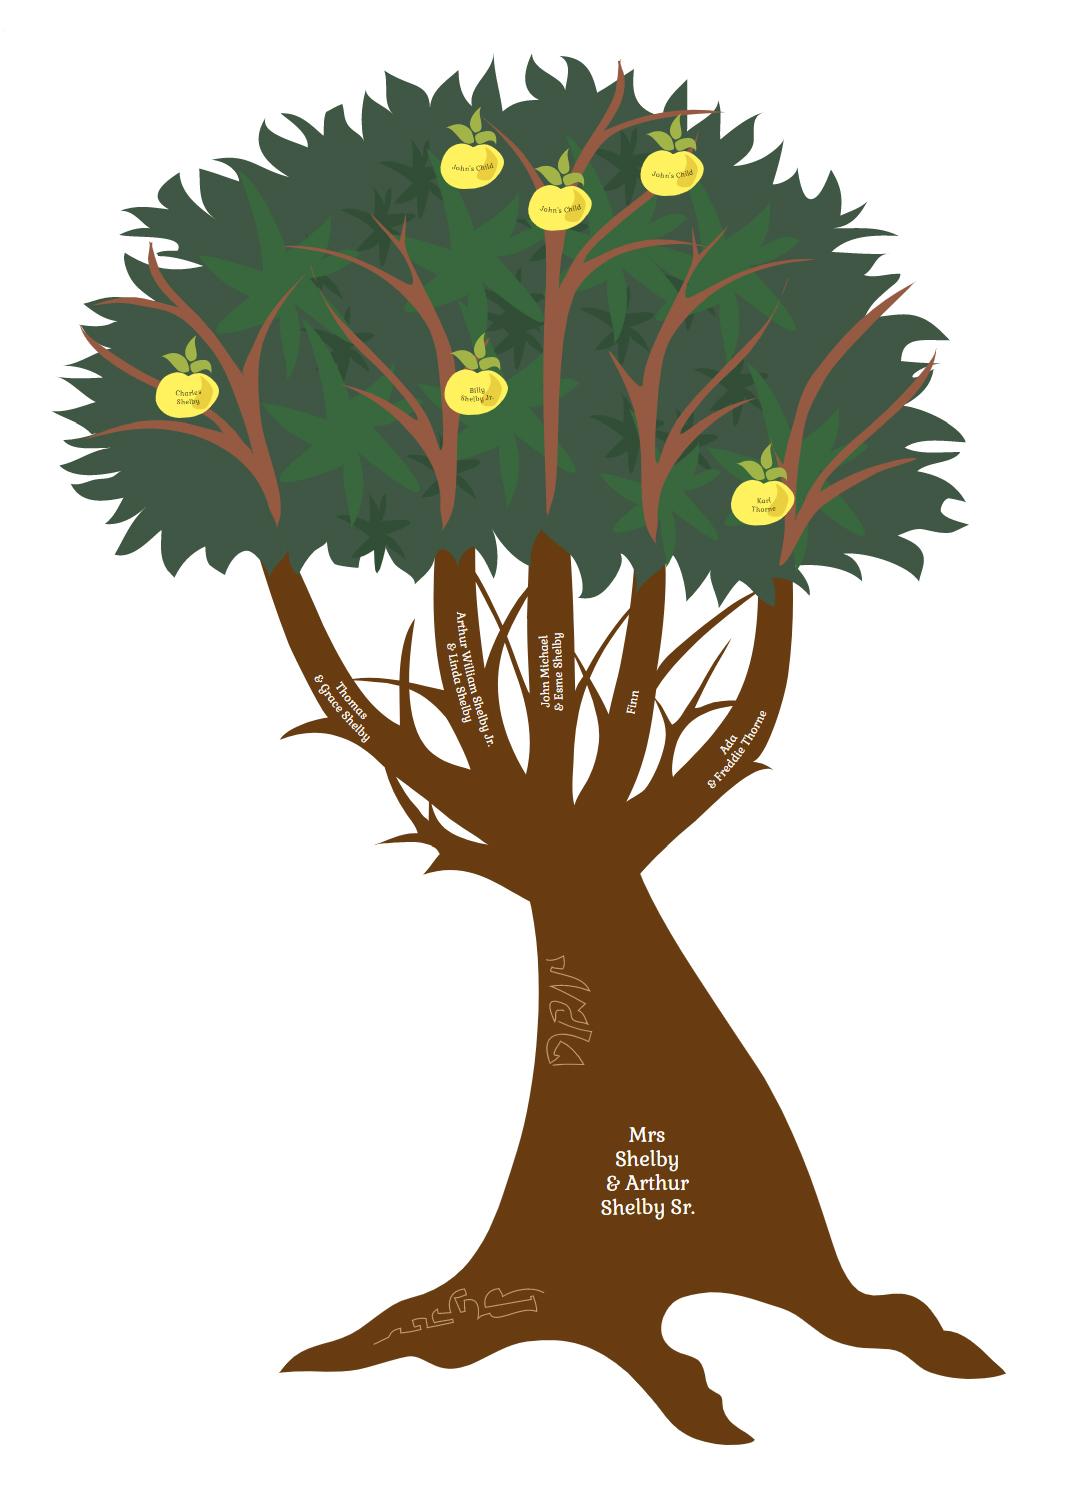 Shelby Family Tree